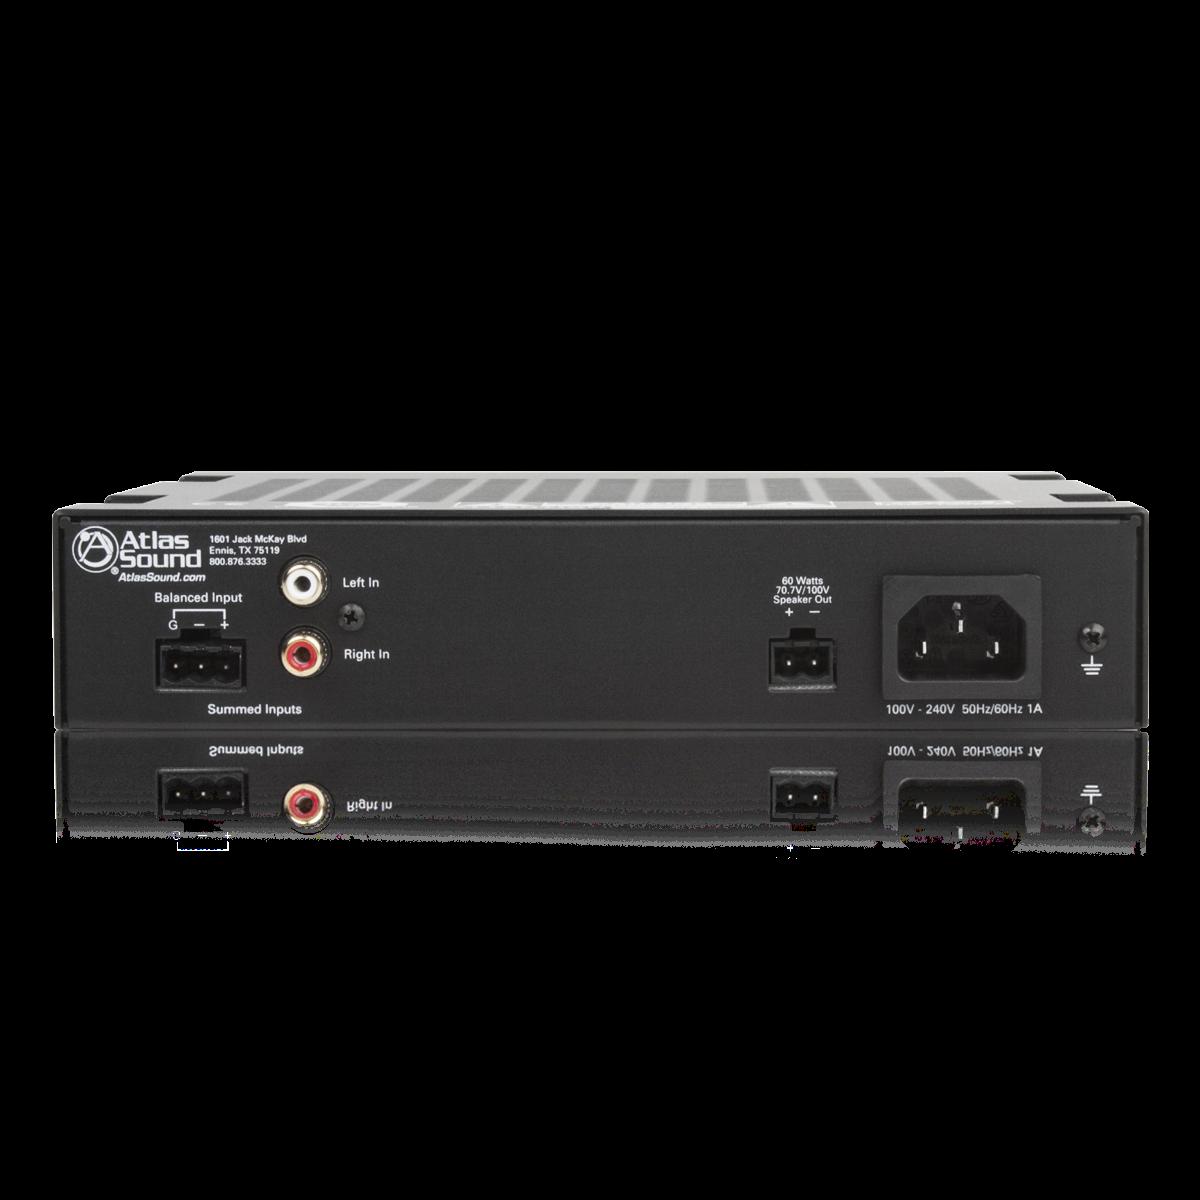 2 Input 60 Watt Single Channel Power Amplifier Atlasied